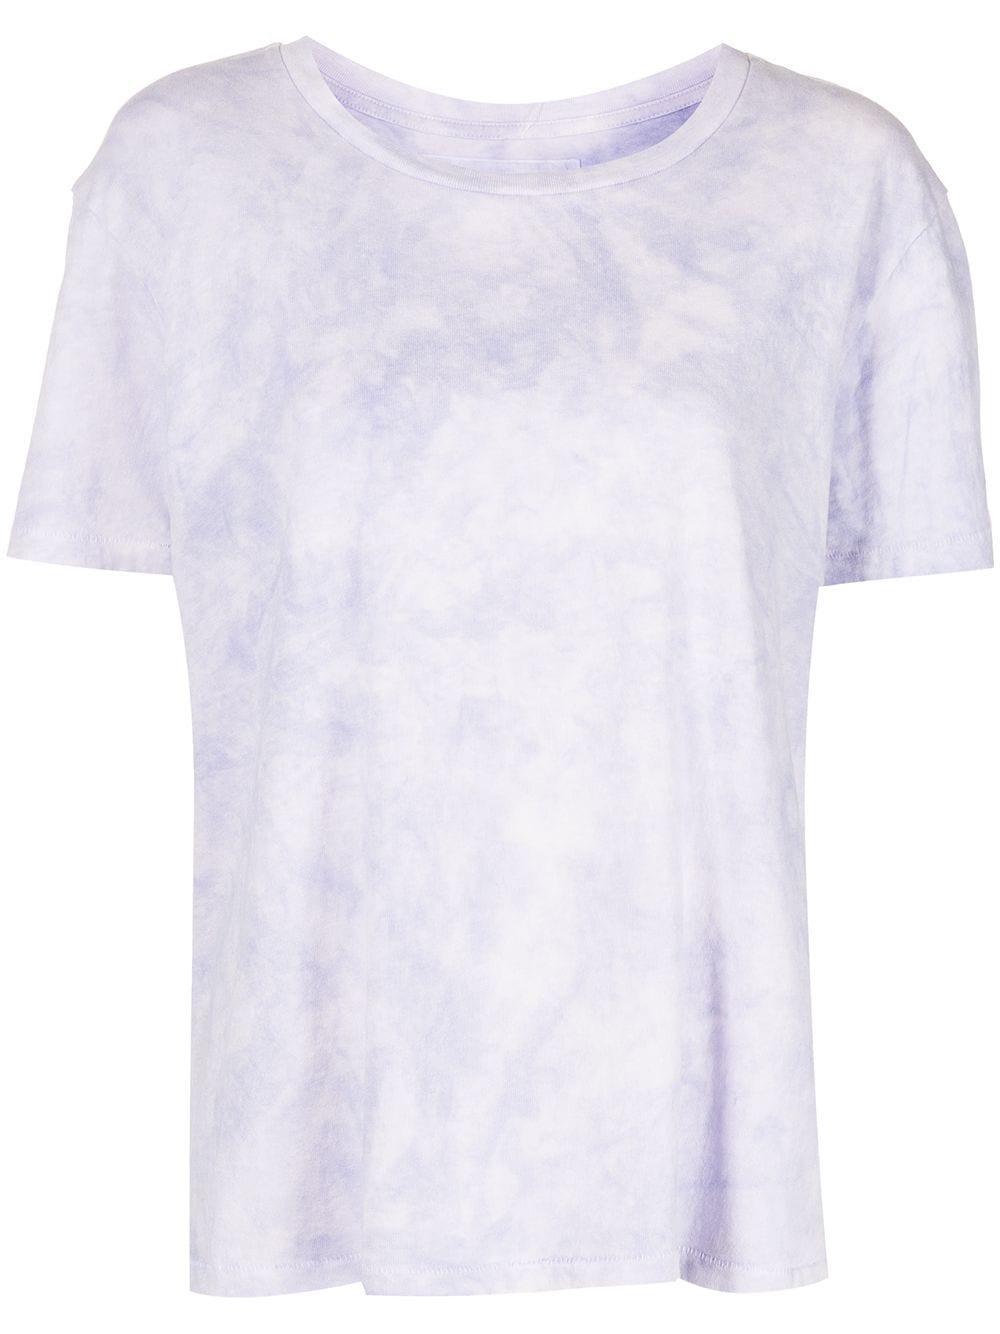 Brady Tie Dye Tee Item # 10322-K47